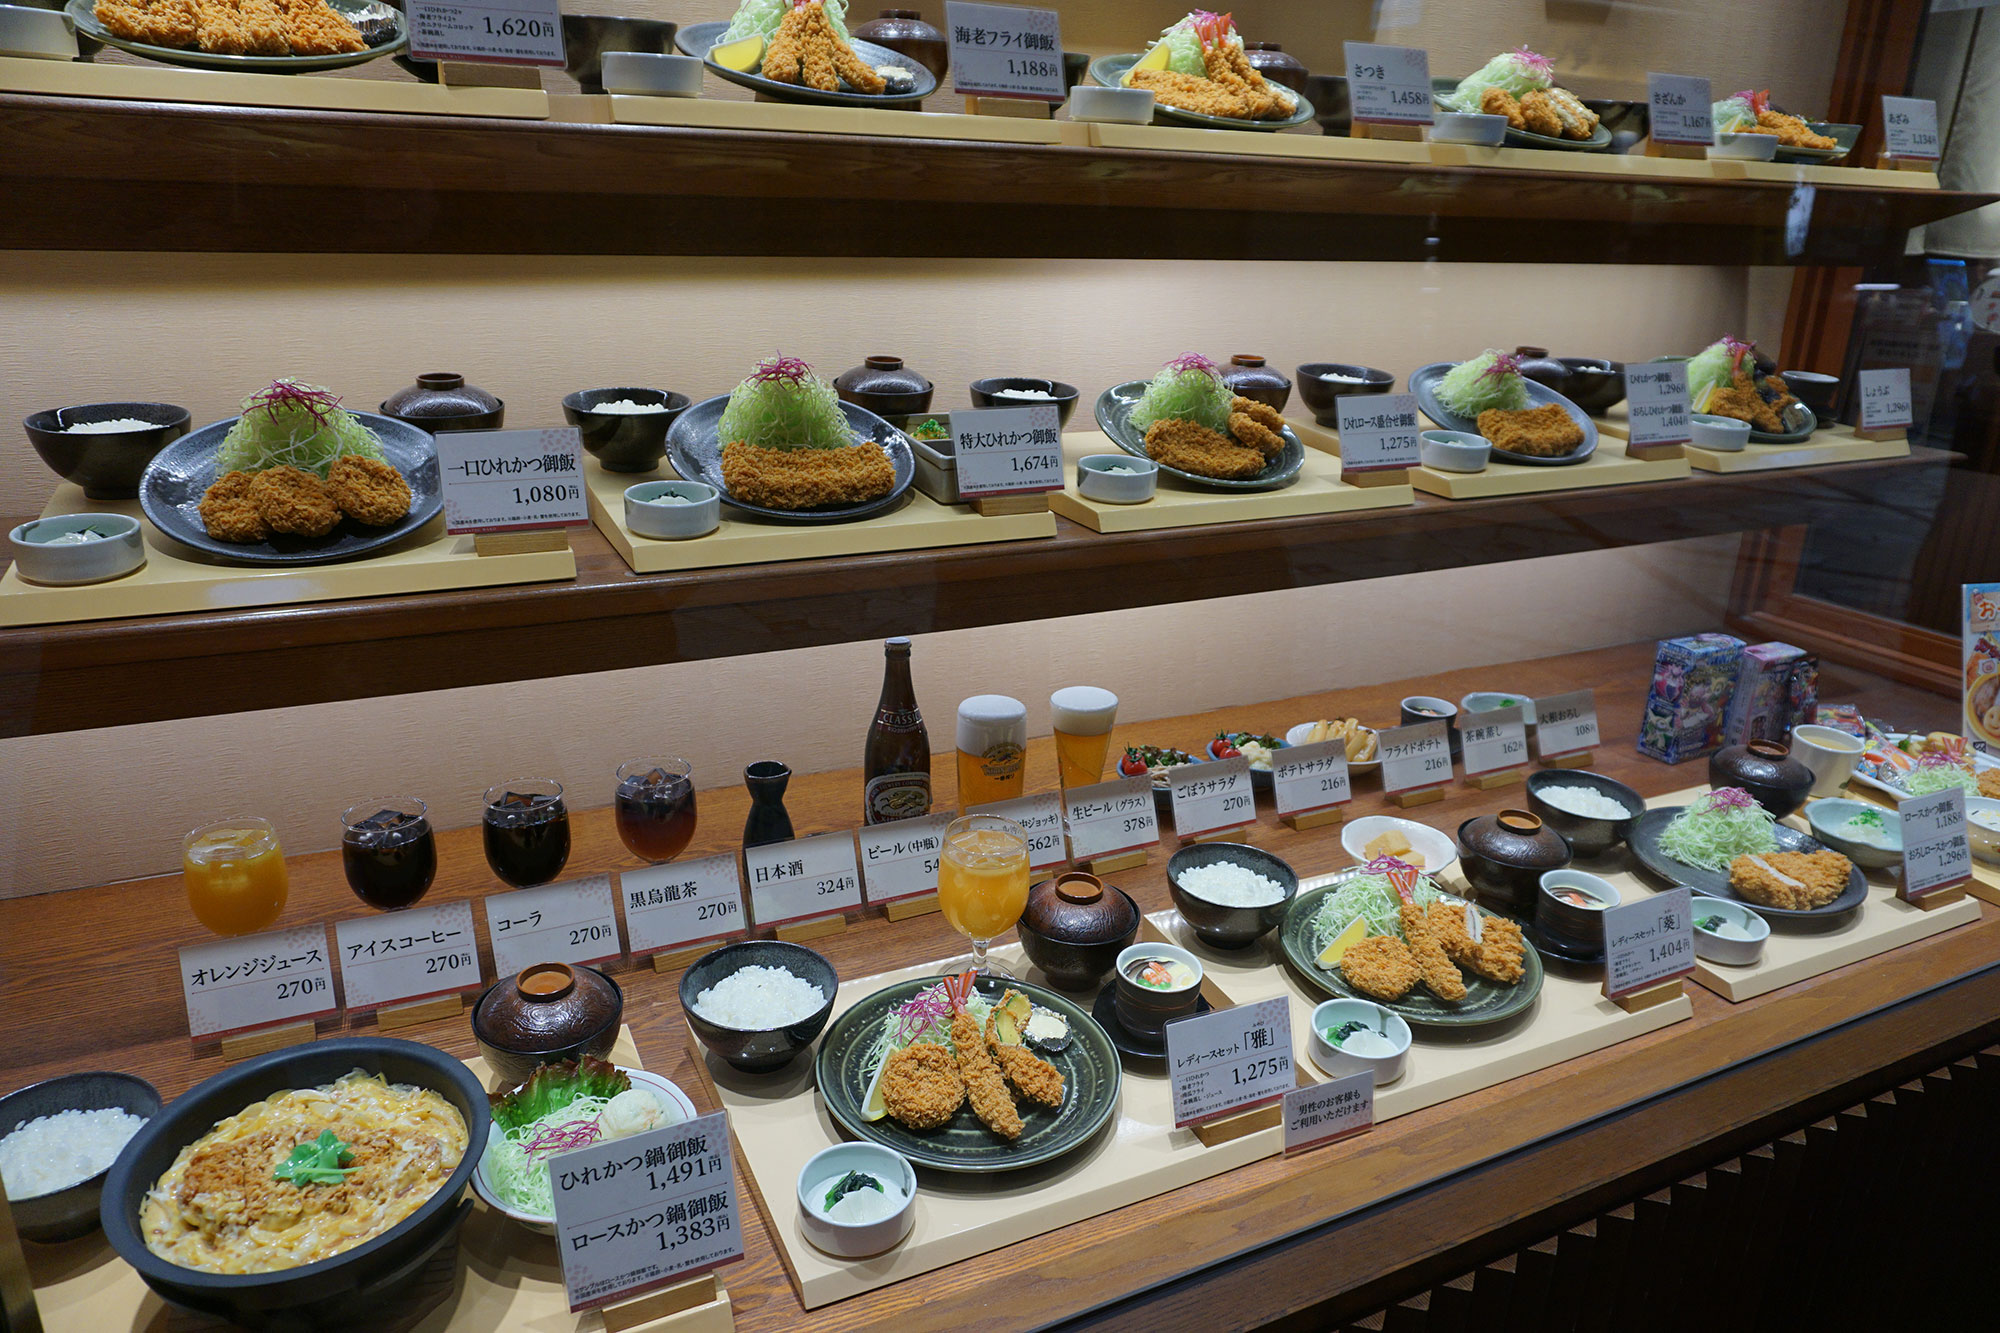 Speisen und Getränke aus Plastik